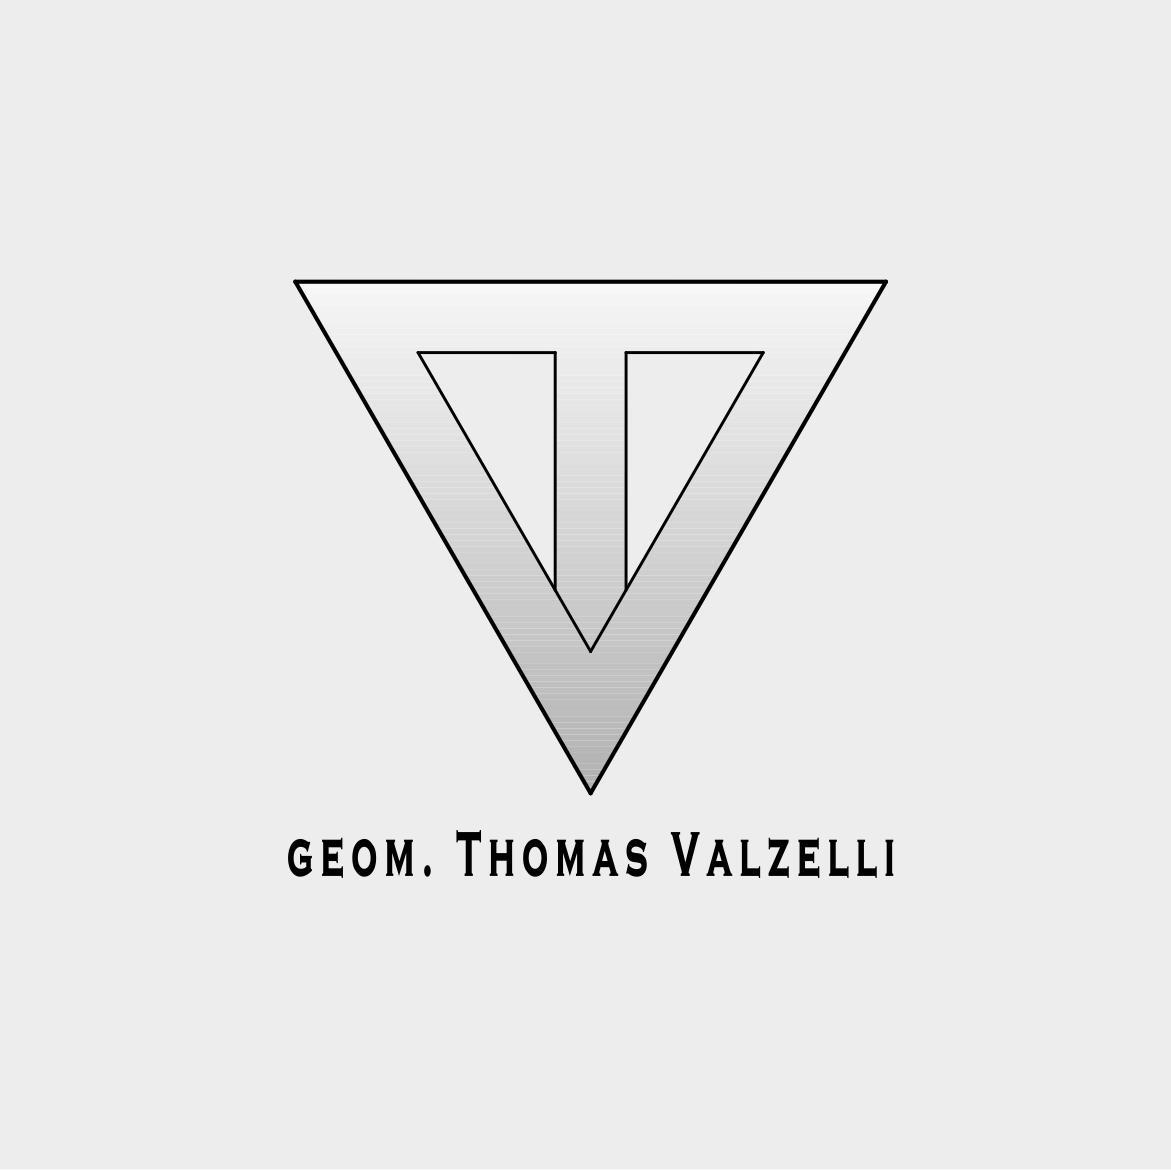 Thomas Valzelli